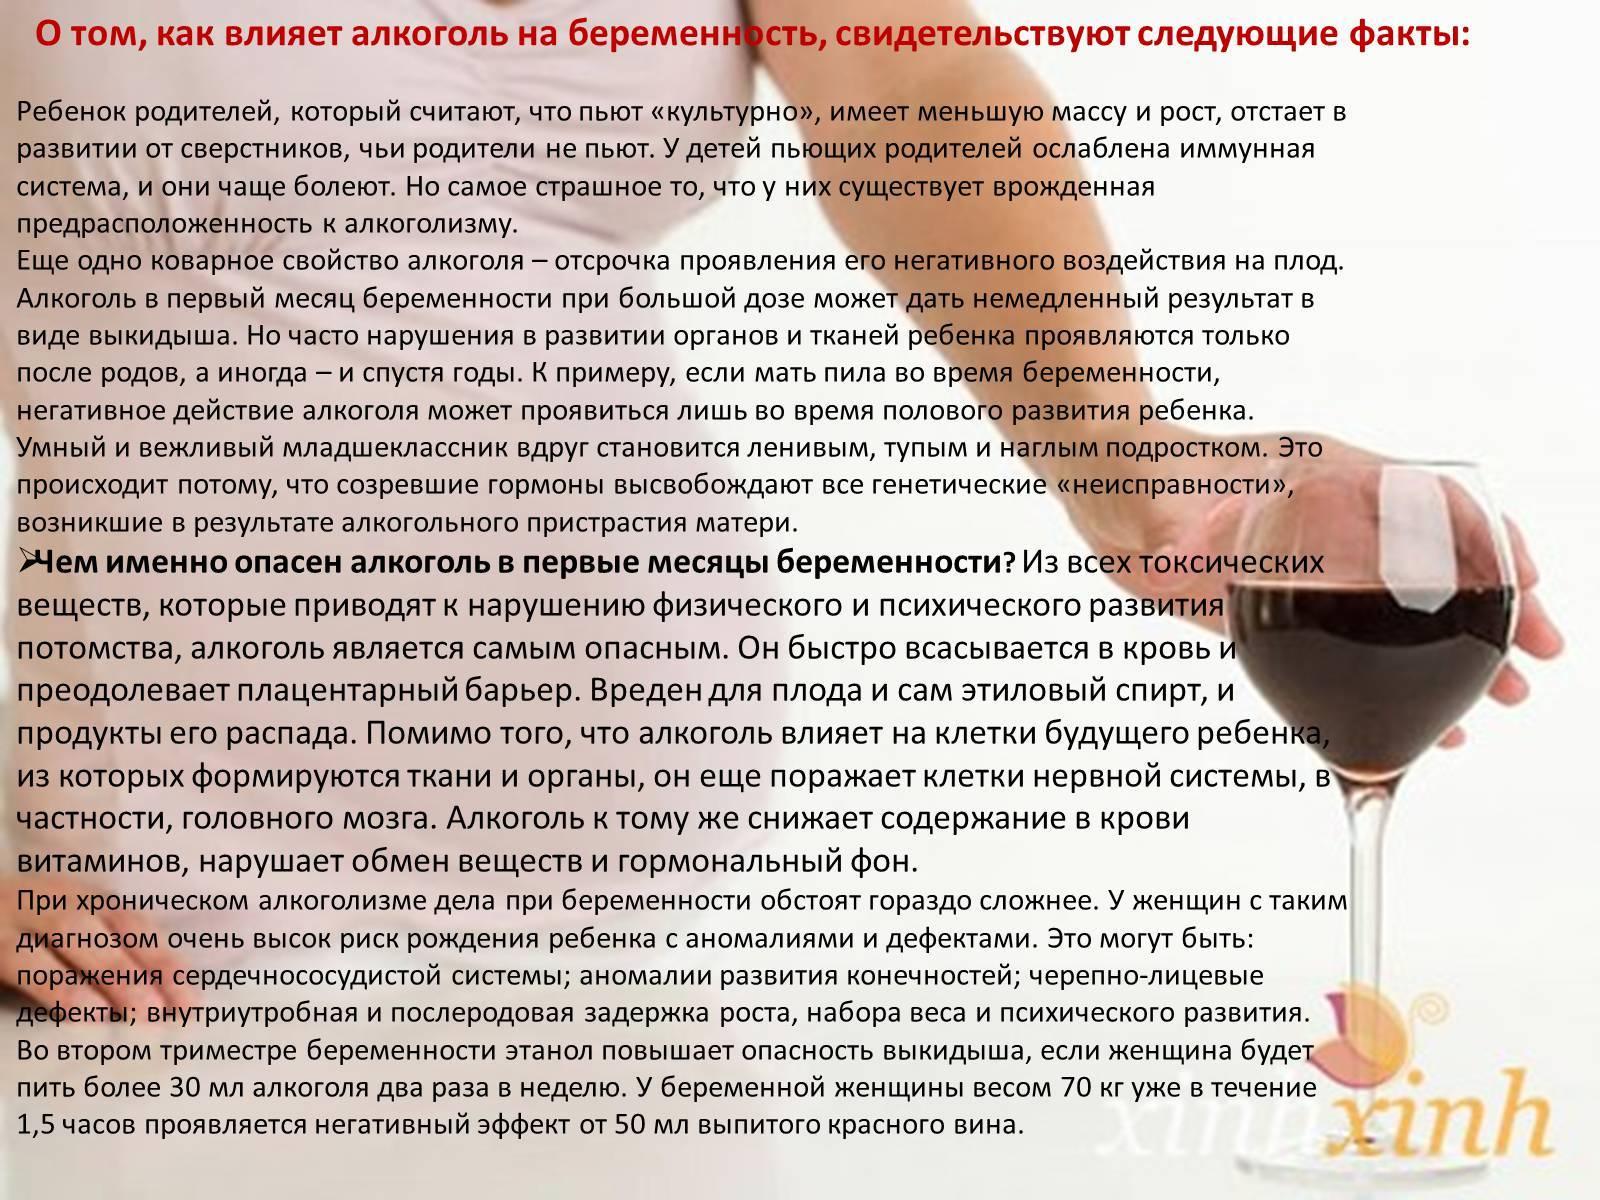 Красное вино во время беременности — польза и вред